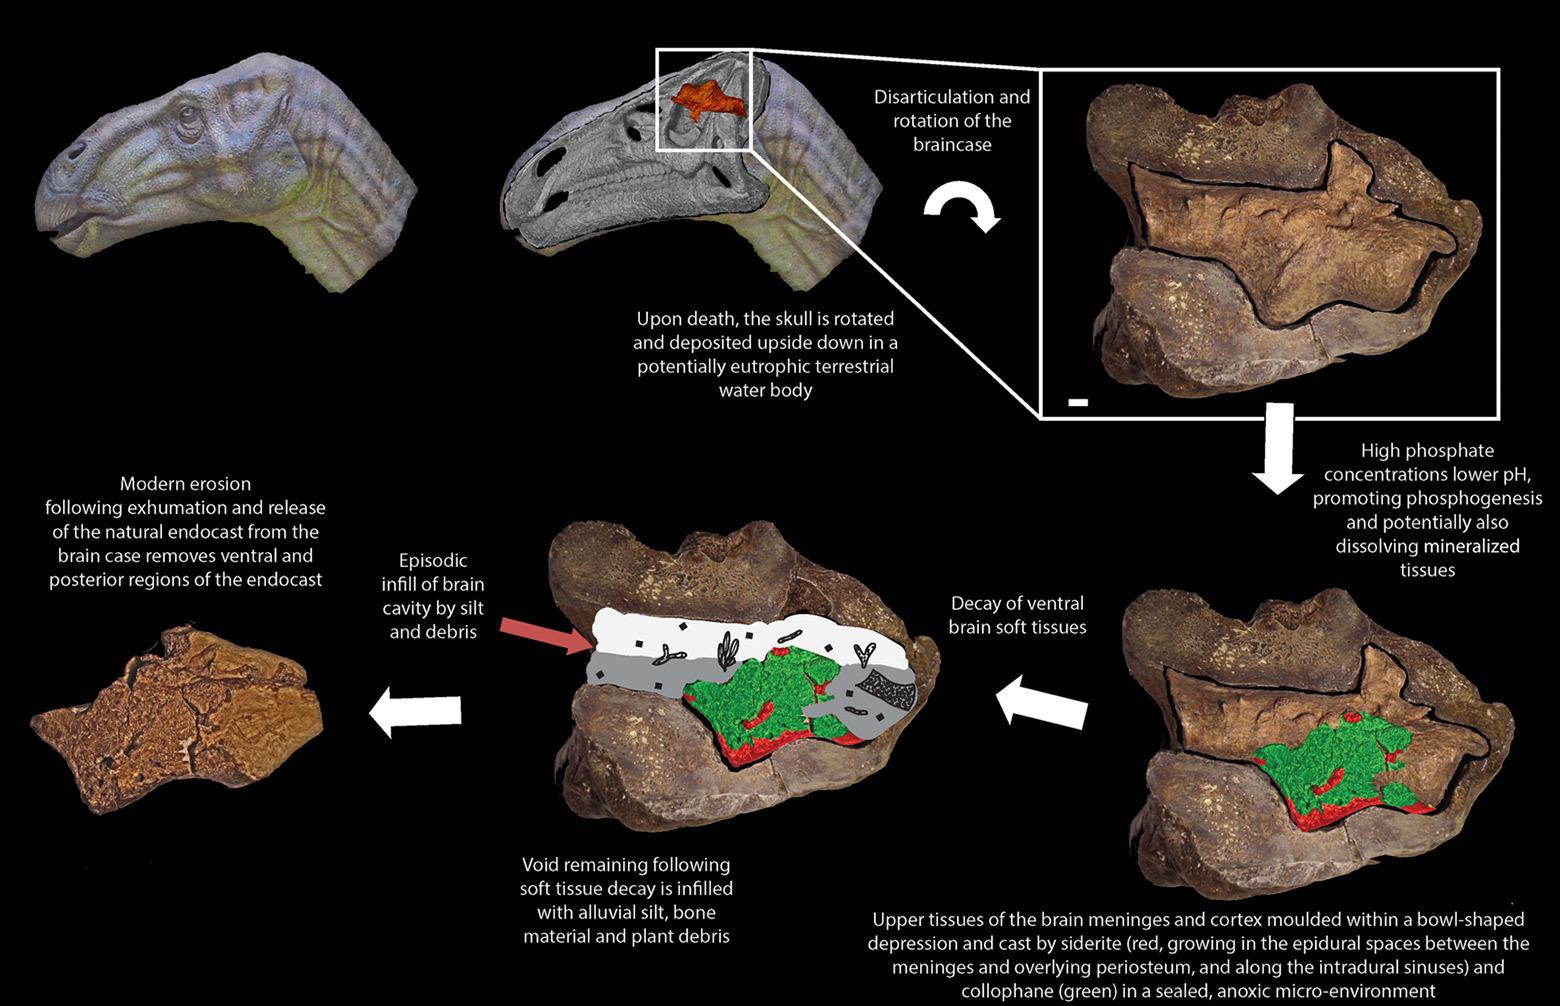 Динозавры могли быть умнее, чем принято считать. Окаменелый мозг игуанодонта изучили под микроскопом - 4